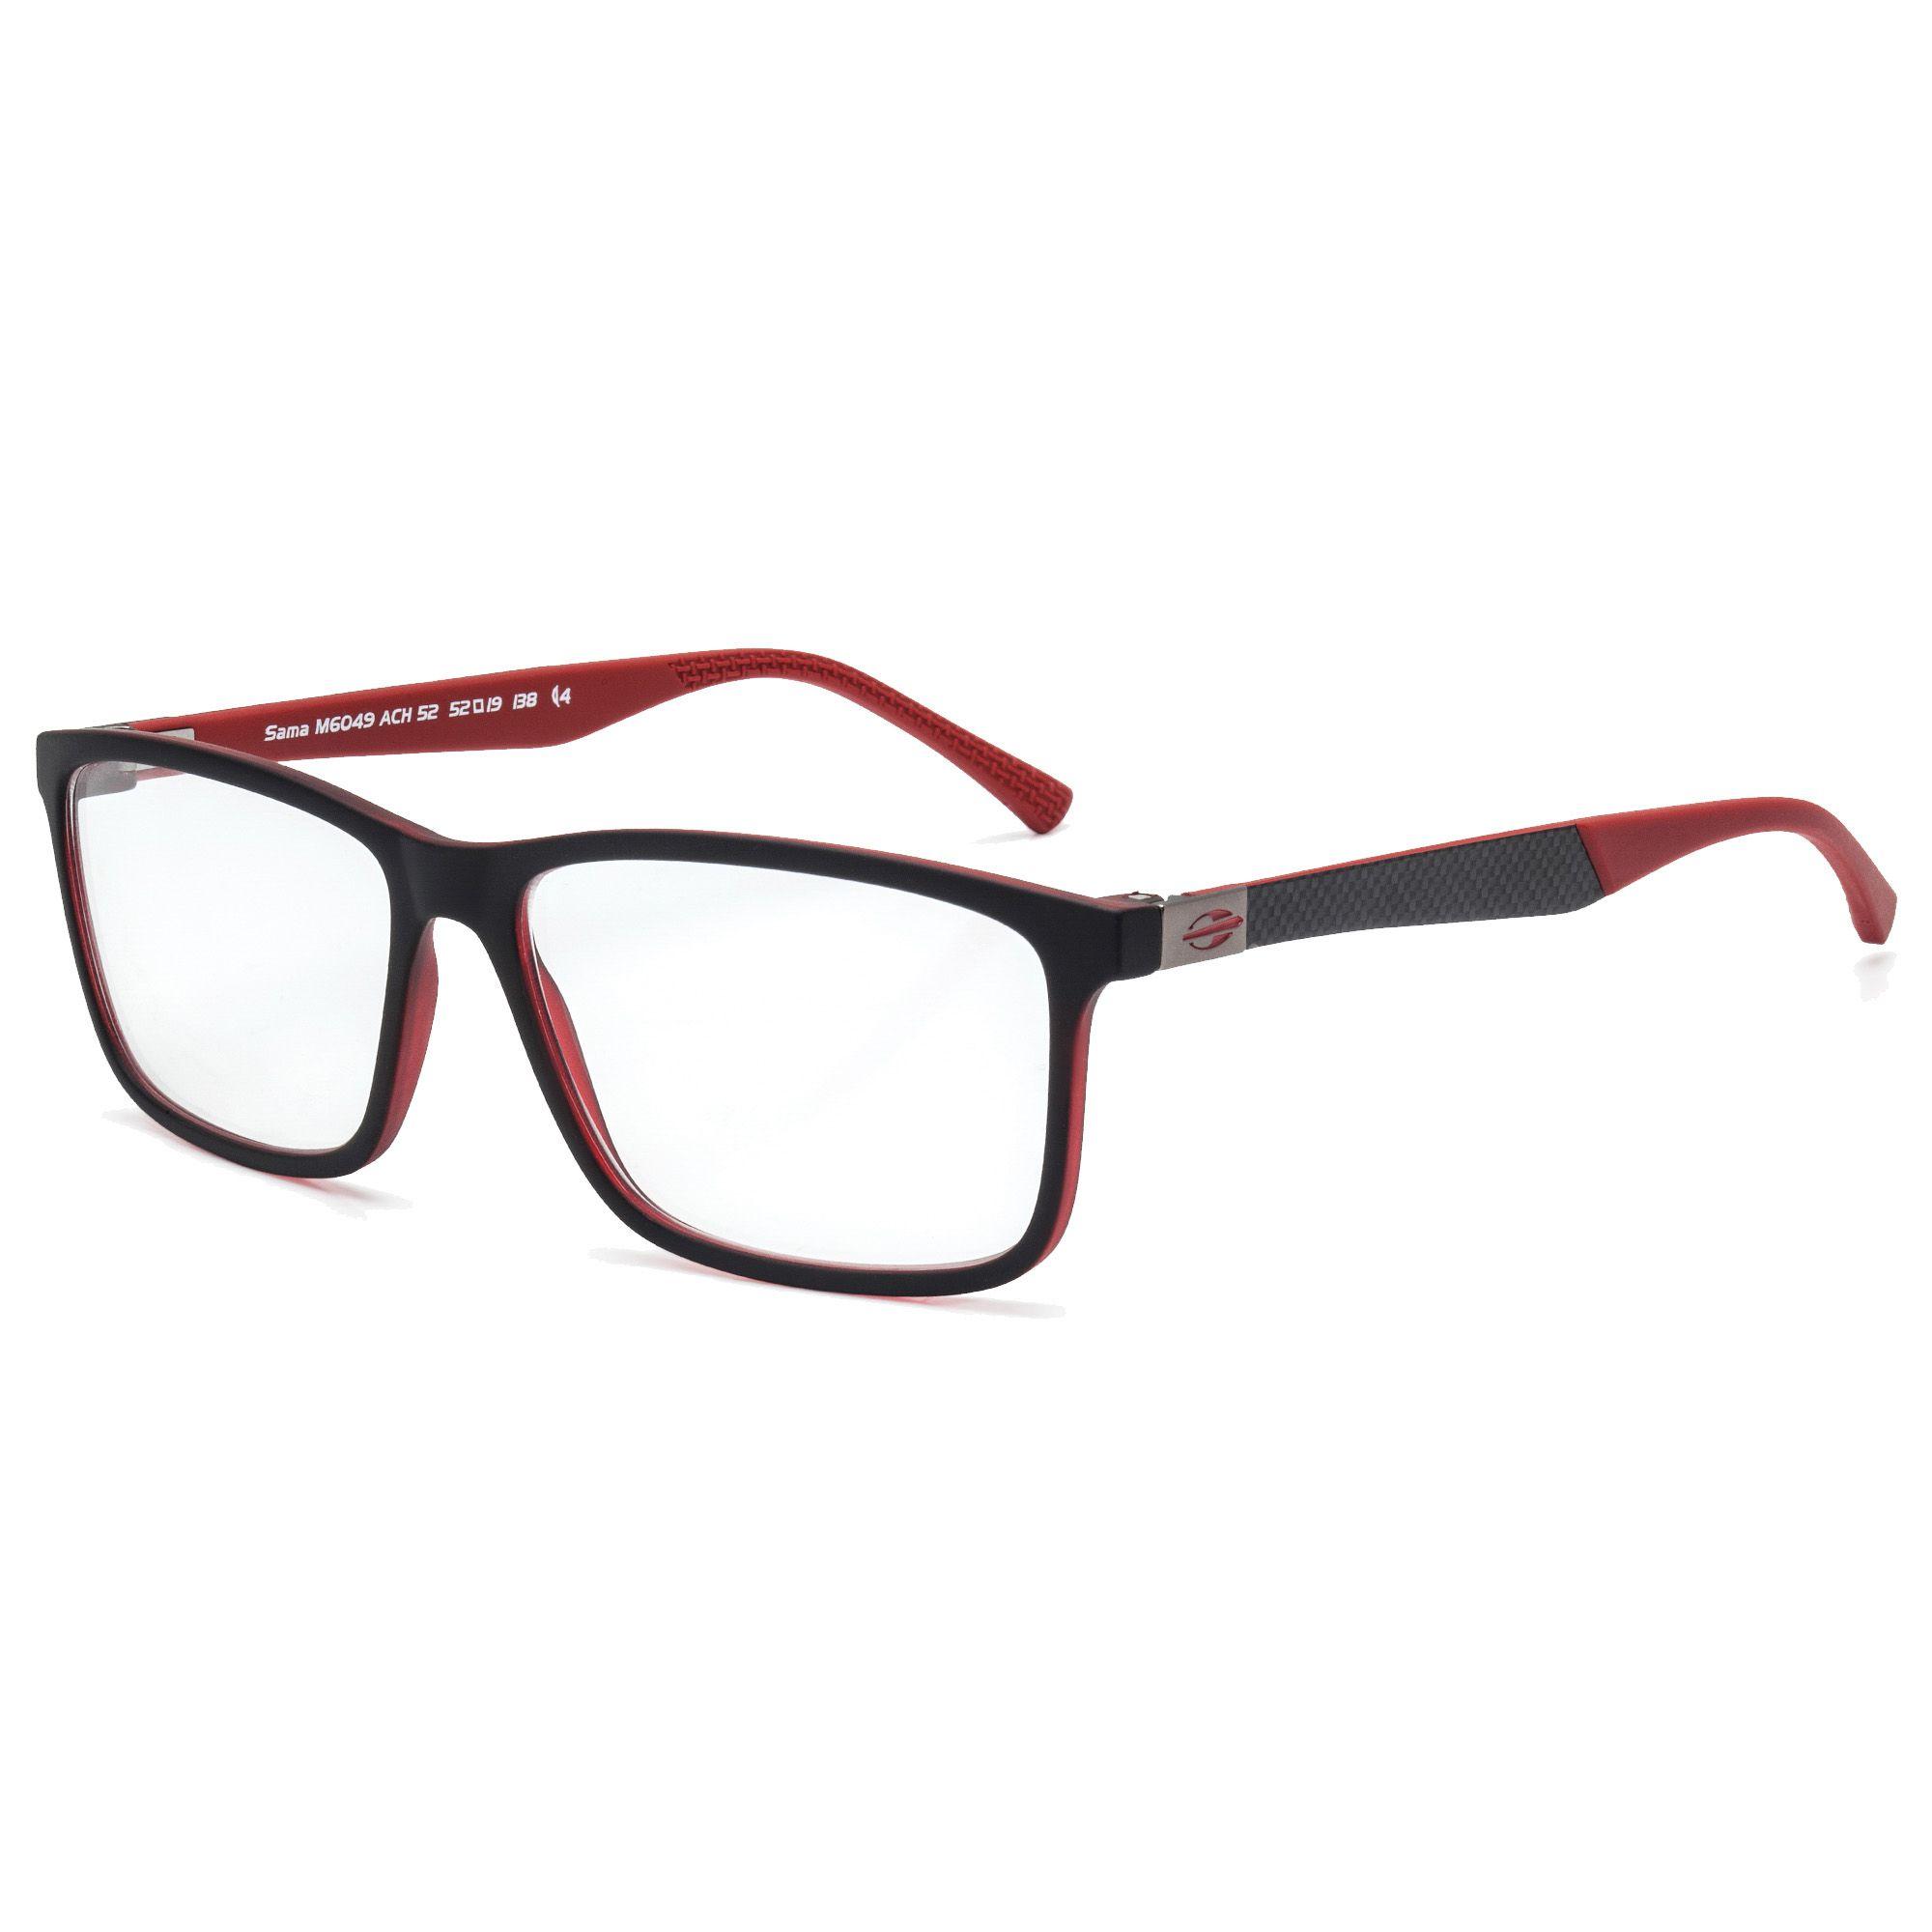 Óculos de Grau Unissex Mormaii Sama M6049ACH52